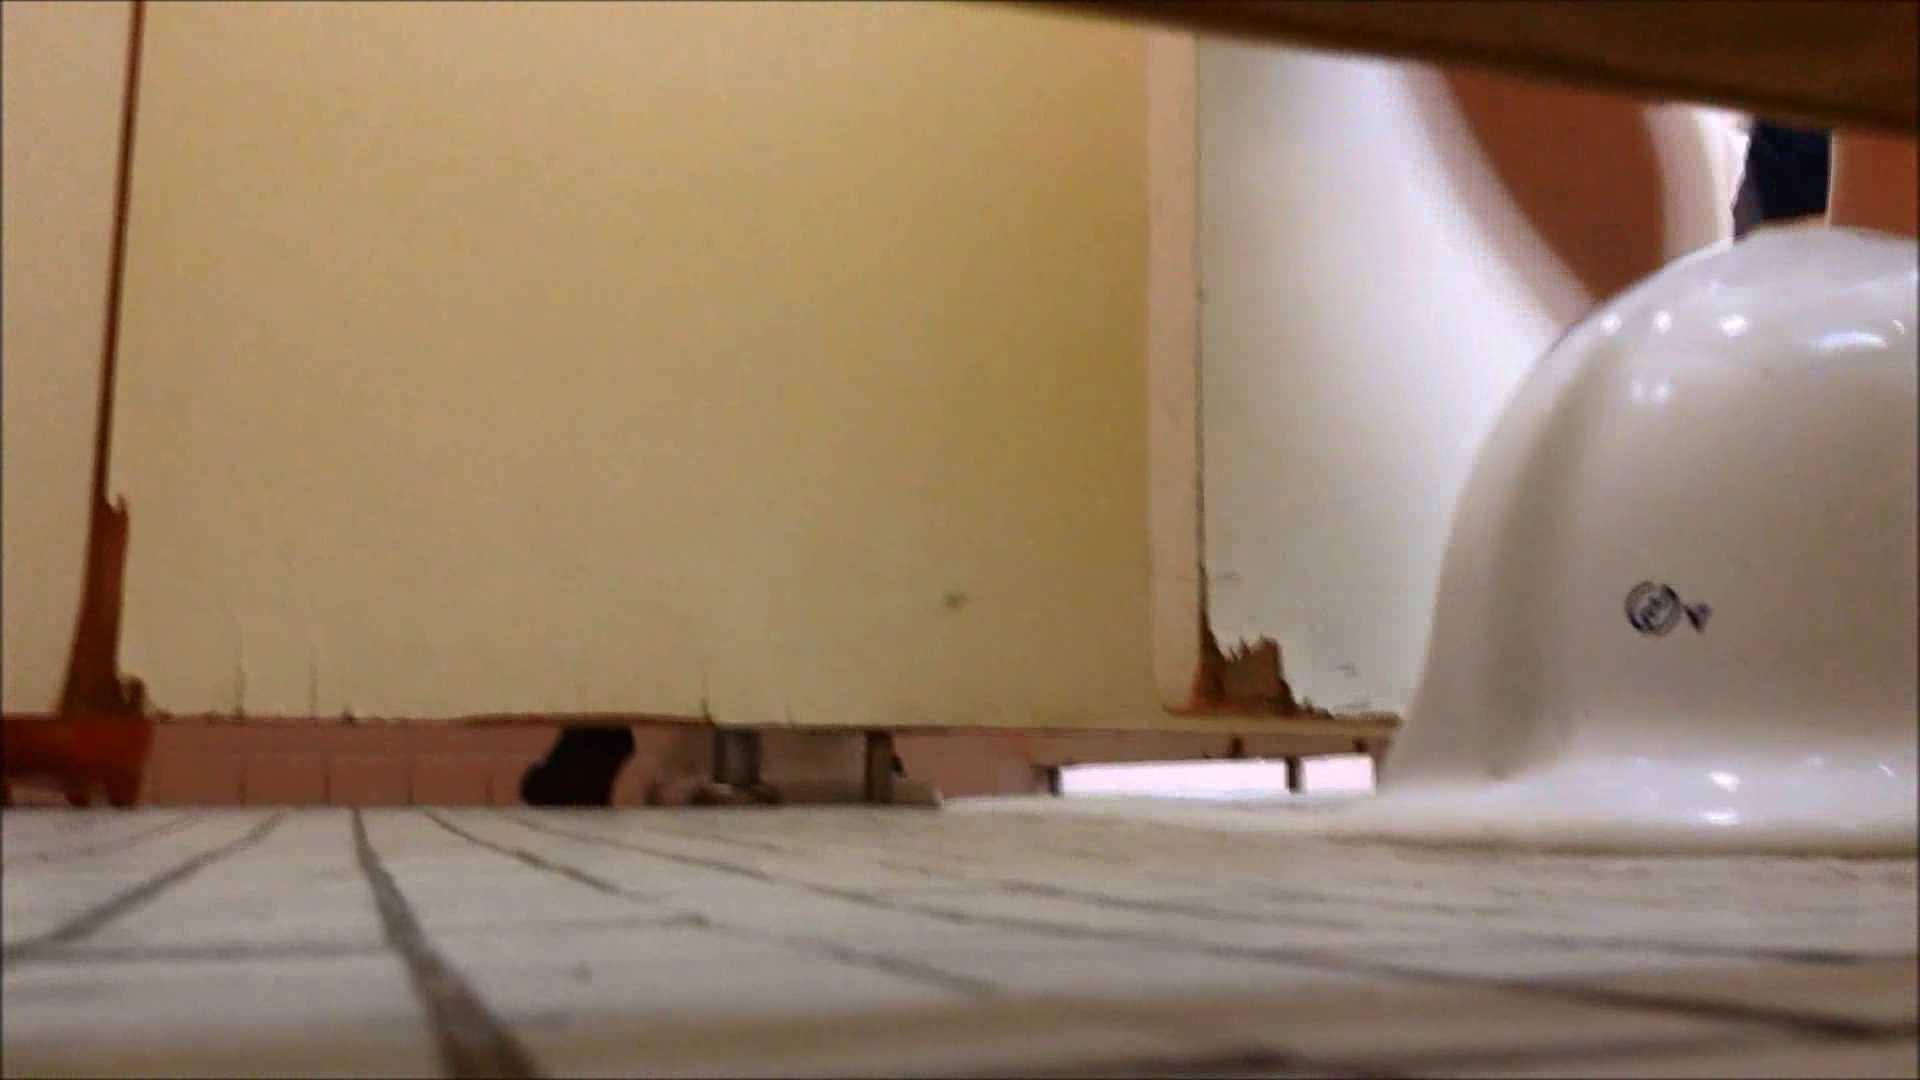 某有名大学女性洗面所 vol.15 和式トイレ AV動画キャプチャ 85pic 55